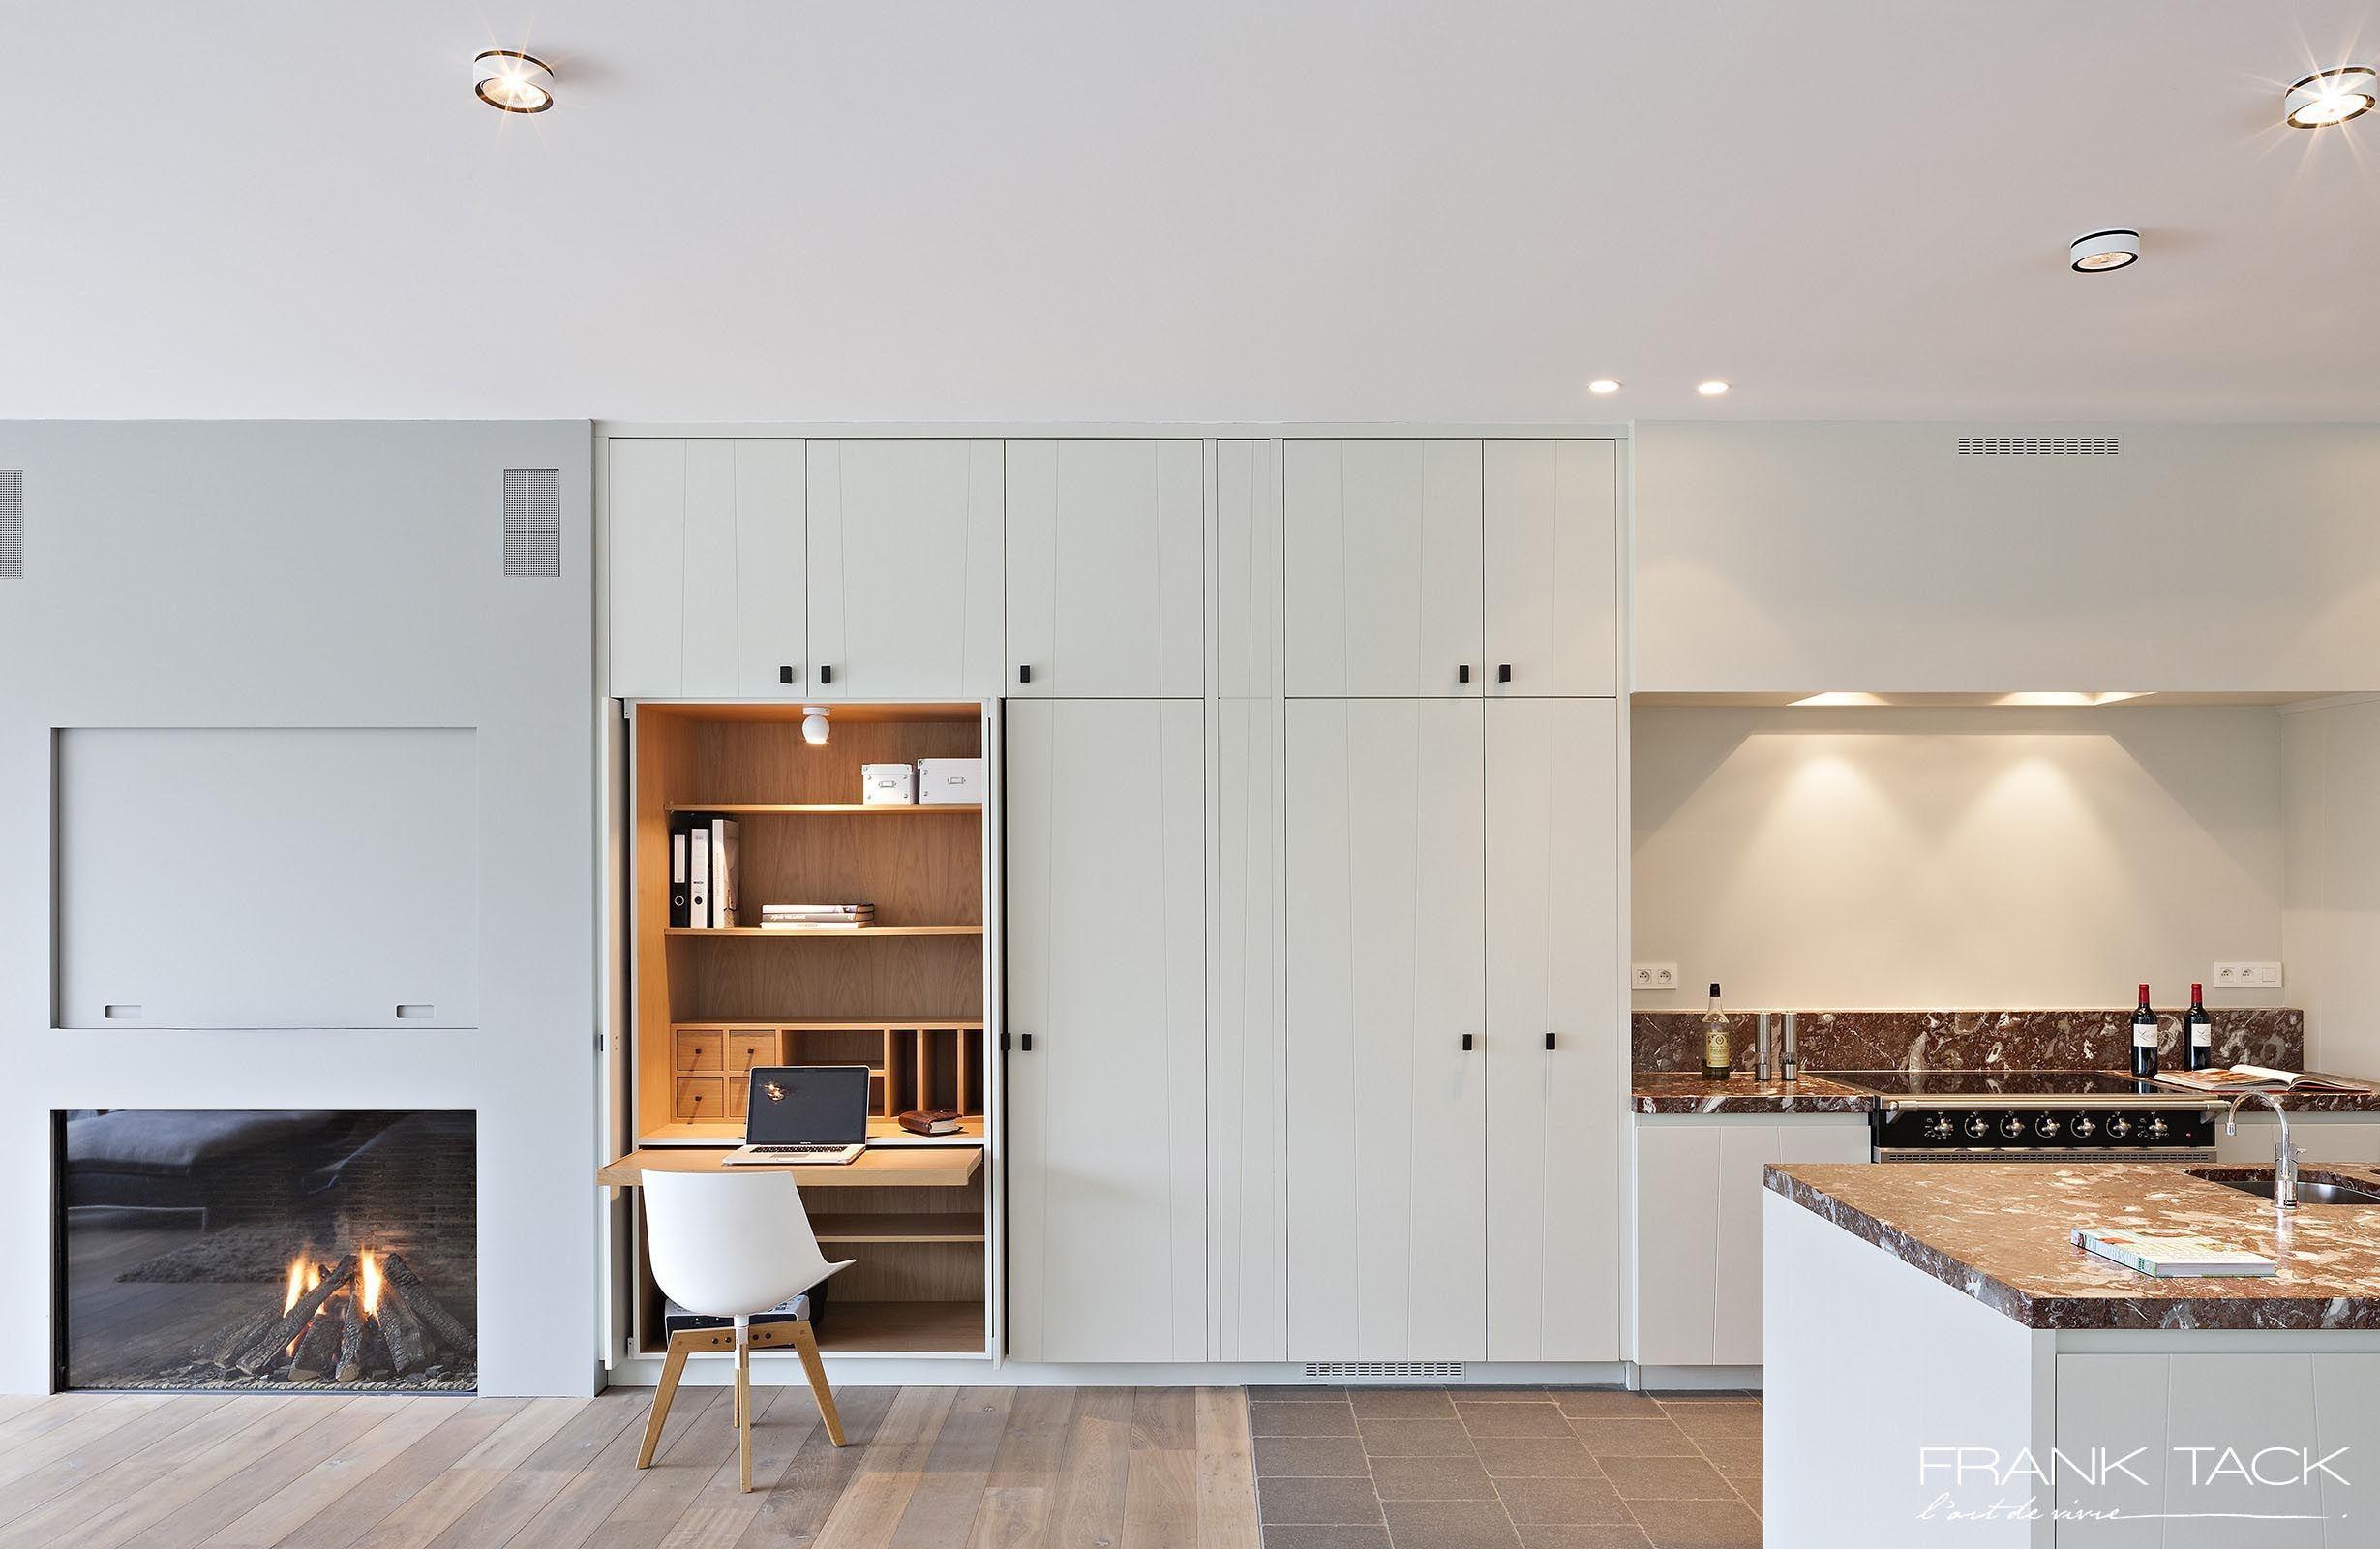 Frank tack keukens maatwerk tijdloze sfeervolle ontwerpen natuurlijke warme materialen - Keuken ontwerpen ...